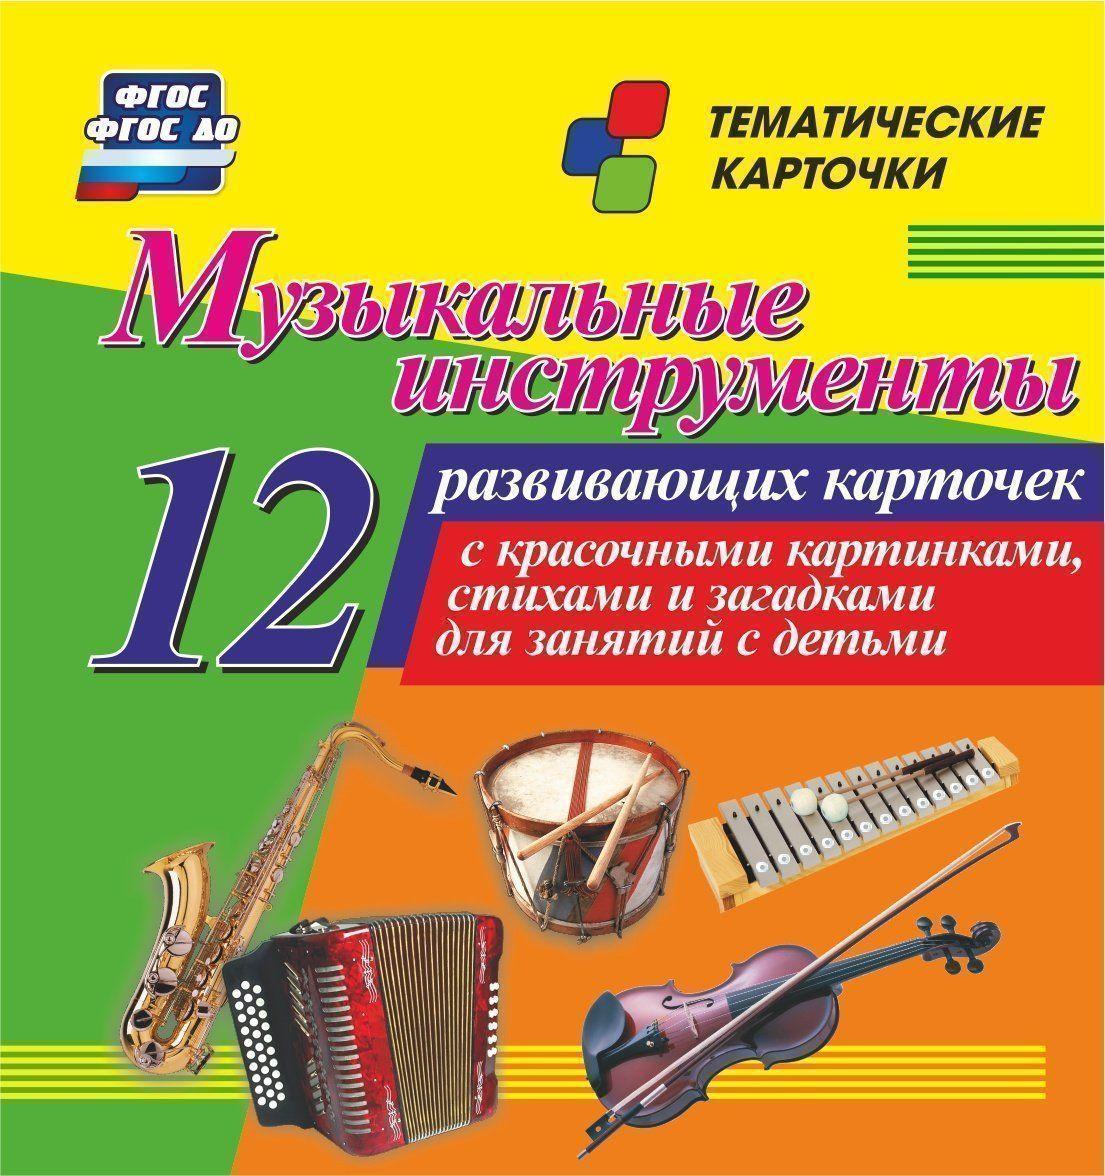 Музыкальные инструменты: 12 развивающих карточек с красочными картинками, стихами и загадками для занятий с детьмиРазвитие дошкольника<br>Комплект тематических карточек Музыкальные инструменты:1. саксофон; 2. труба; 3. аккордеон;  4. баян; 5. бубенчики иколокольчики; 6. балалайка; 7. барабан; 8. металлофон; 9. скрипка; 10. гитара; 11. рояль; 12. орган.<br><br>Год: 2017<br>Серия: Тематические карточки<br>Высота: 99<br>Ширина: 93<br>Толщина: 8<br>Переплёт: набор